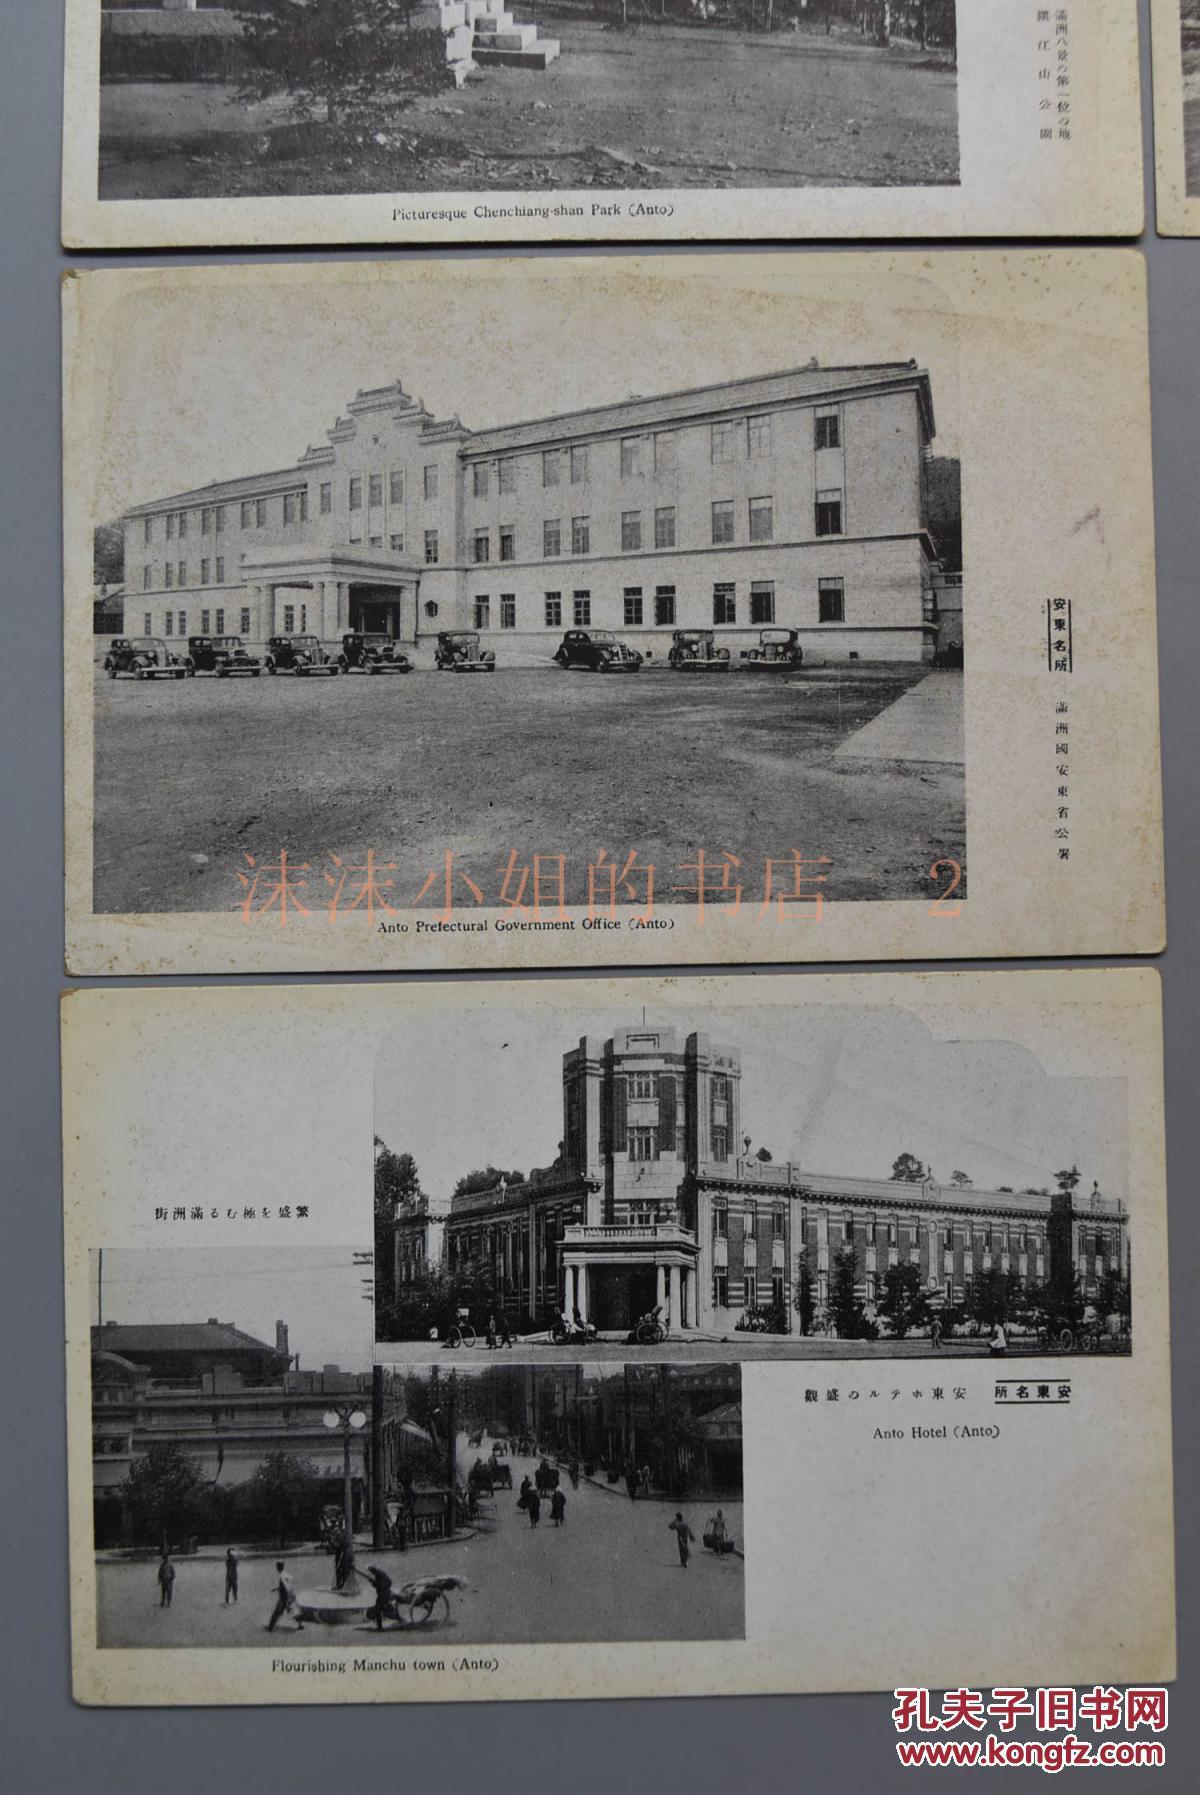 8张 黑白老照片 临济寺 表忠碑 丹东旅馆满洲街 镇江山公园 丹东市街图片